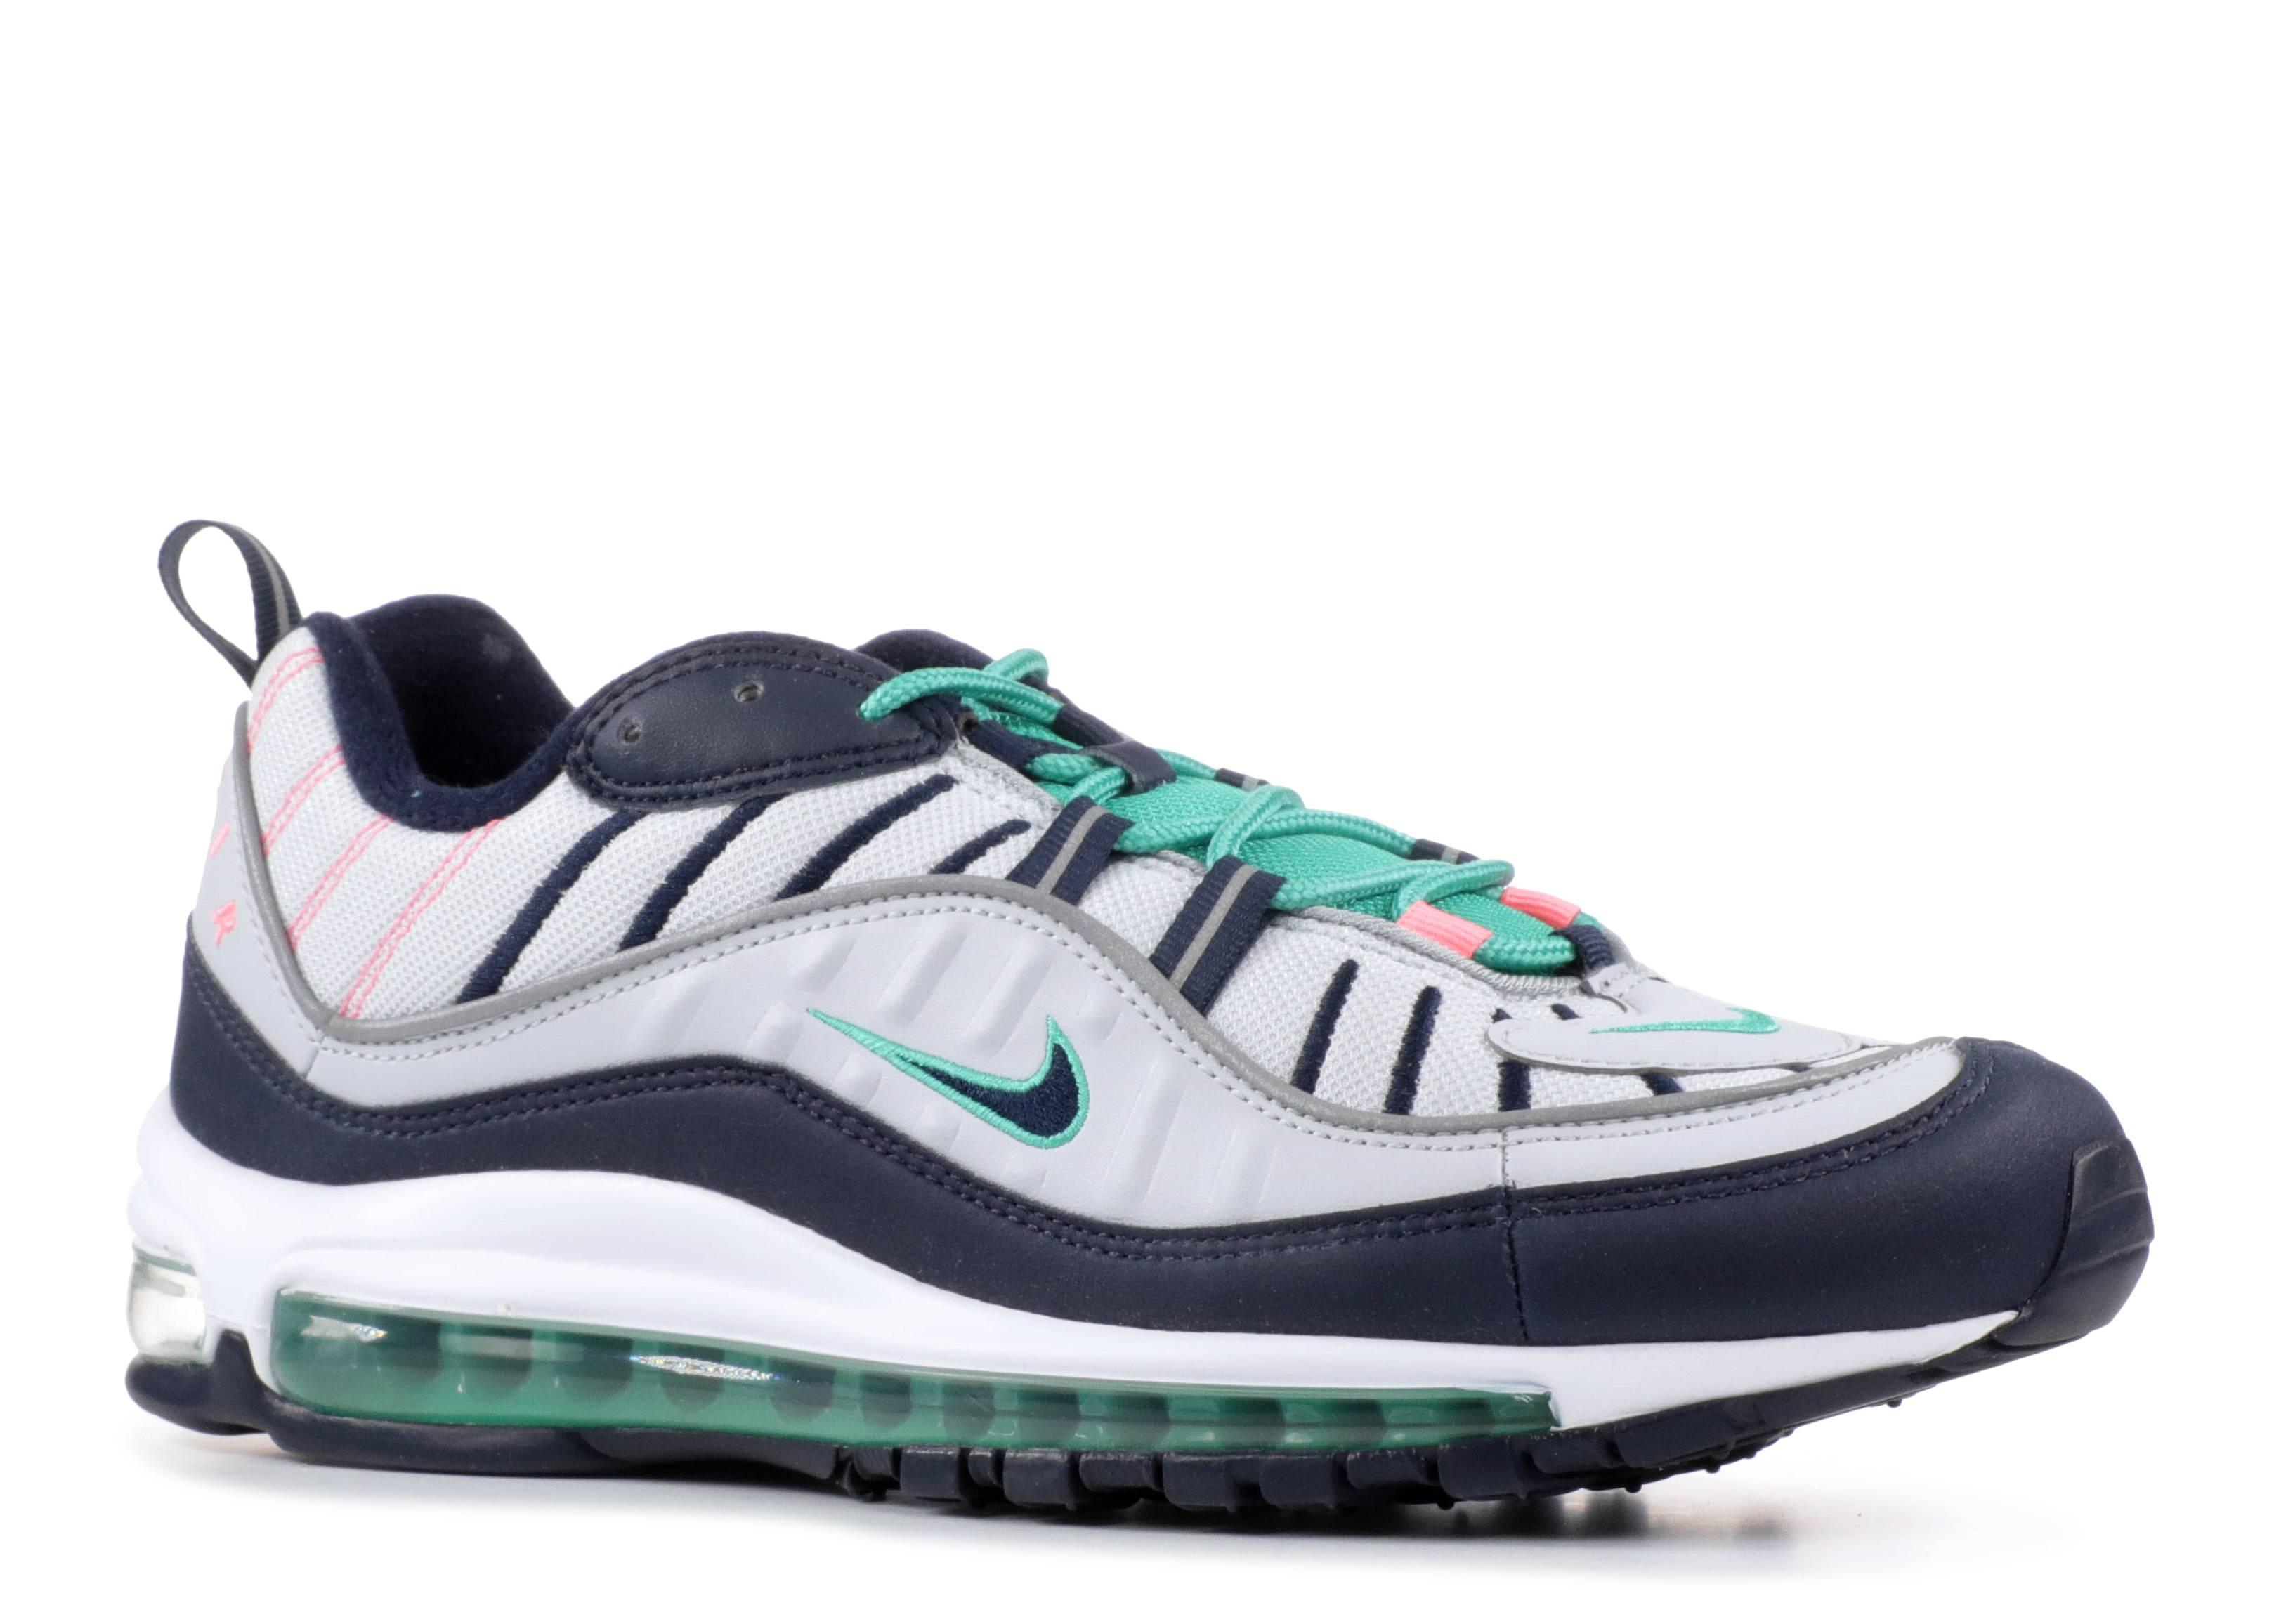 b8fd649d37 Nike Air Max 98 - Nike - 640744 005 - pure platinum/obsidian | Flight Club